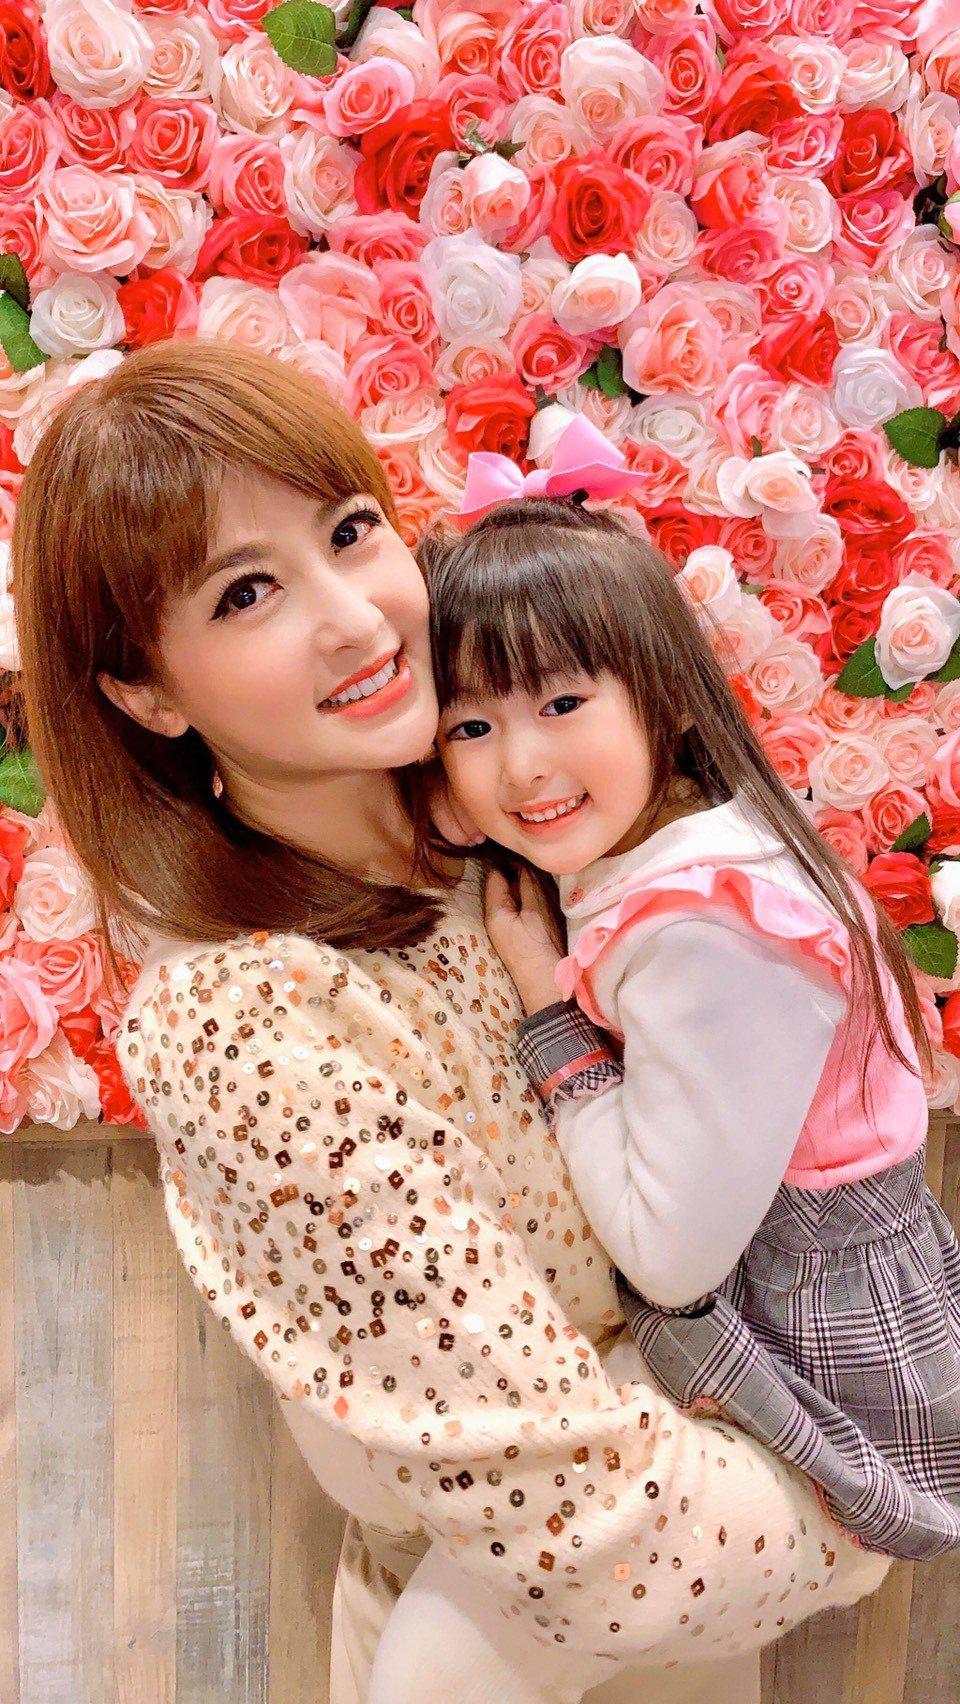 陳海茵私下以照顧女兒為樂。圖/陳海茵提供